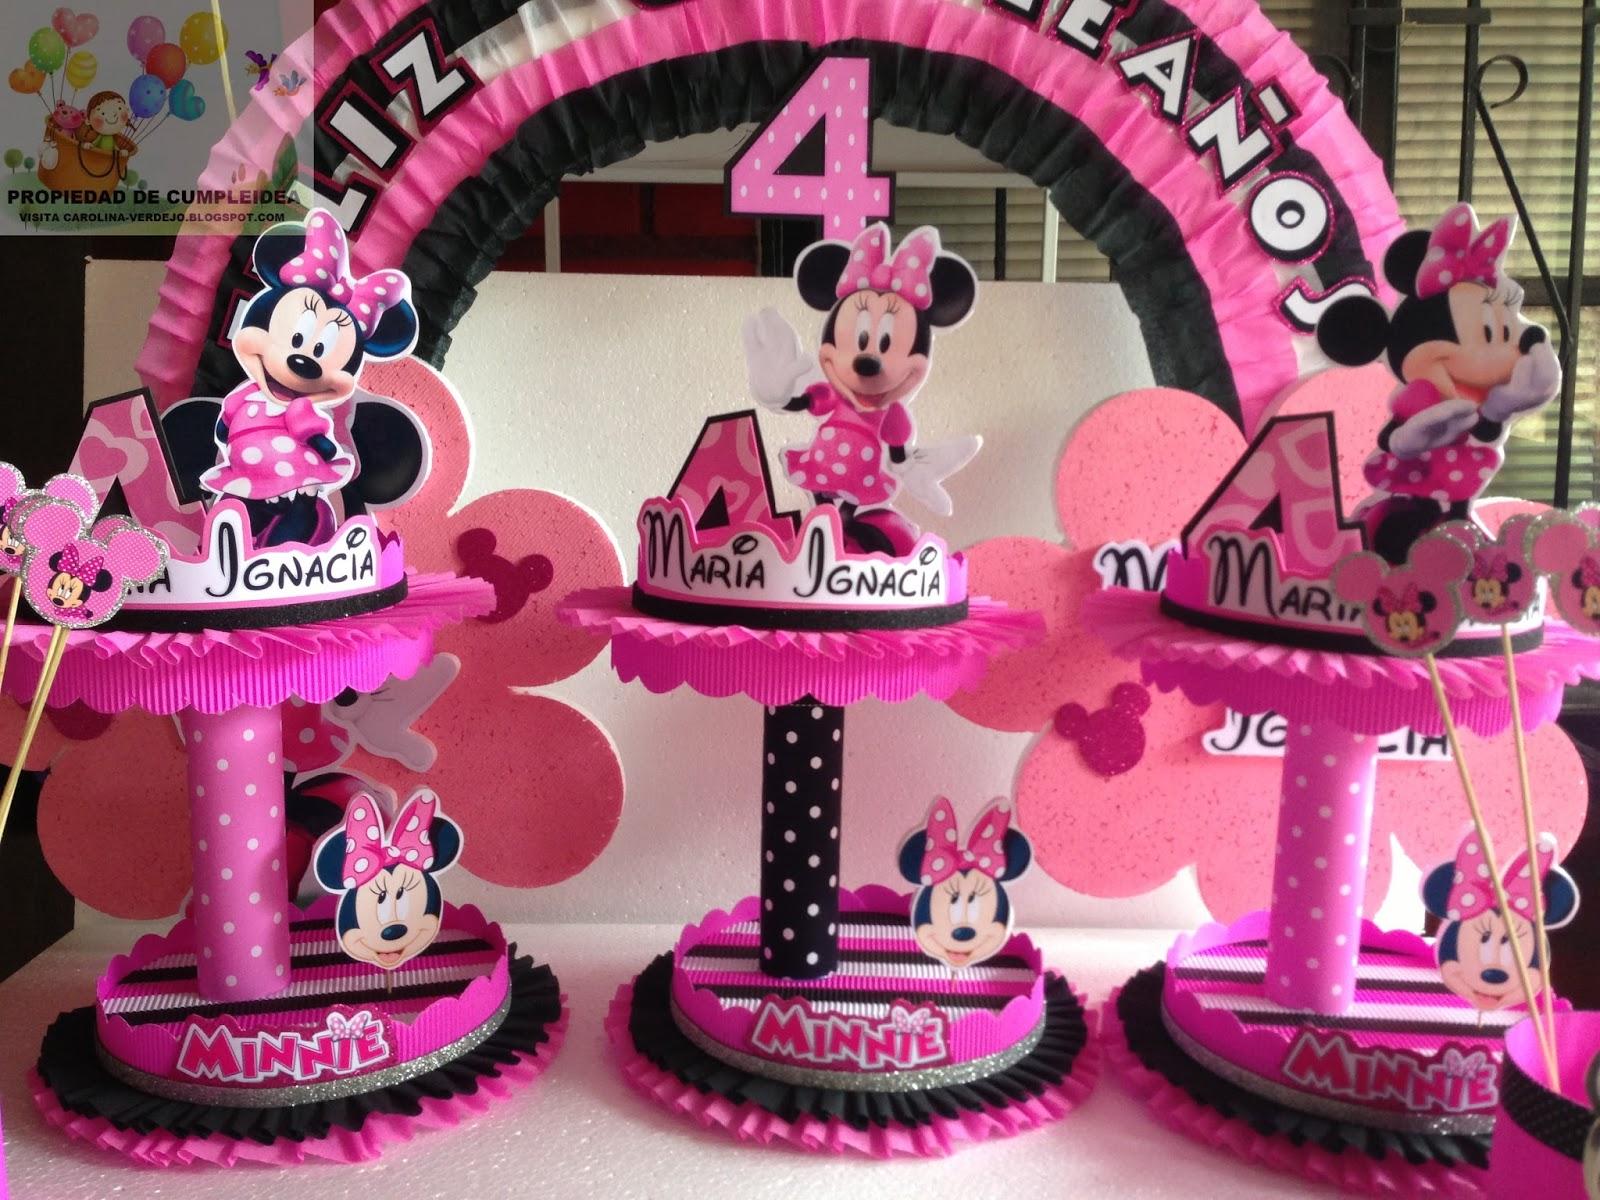 Decoraciones infantiles septiembre 2013 - Decoracion para fiestas de cumpleanos infantiles ...